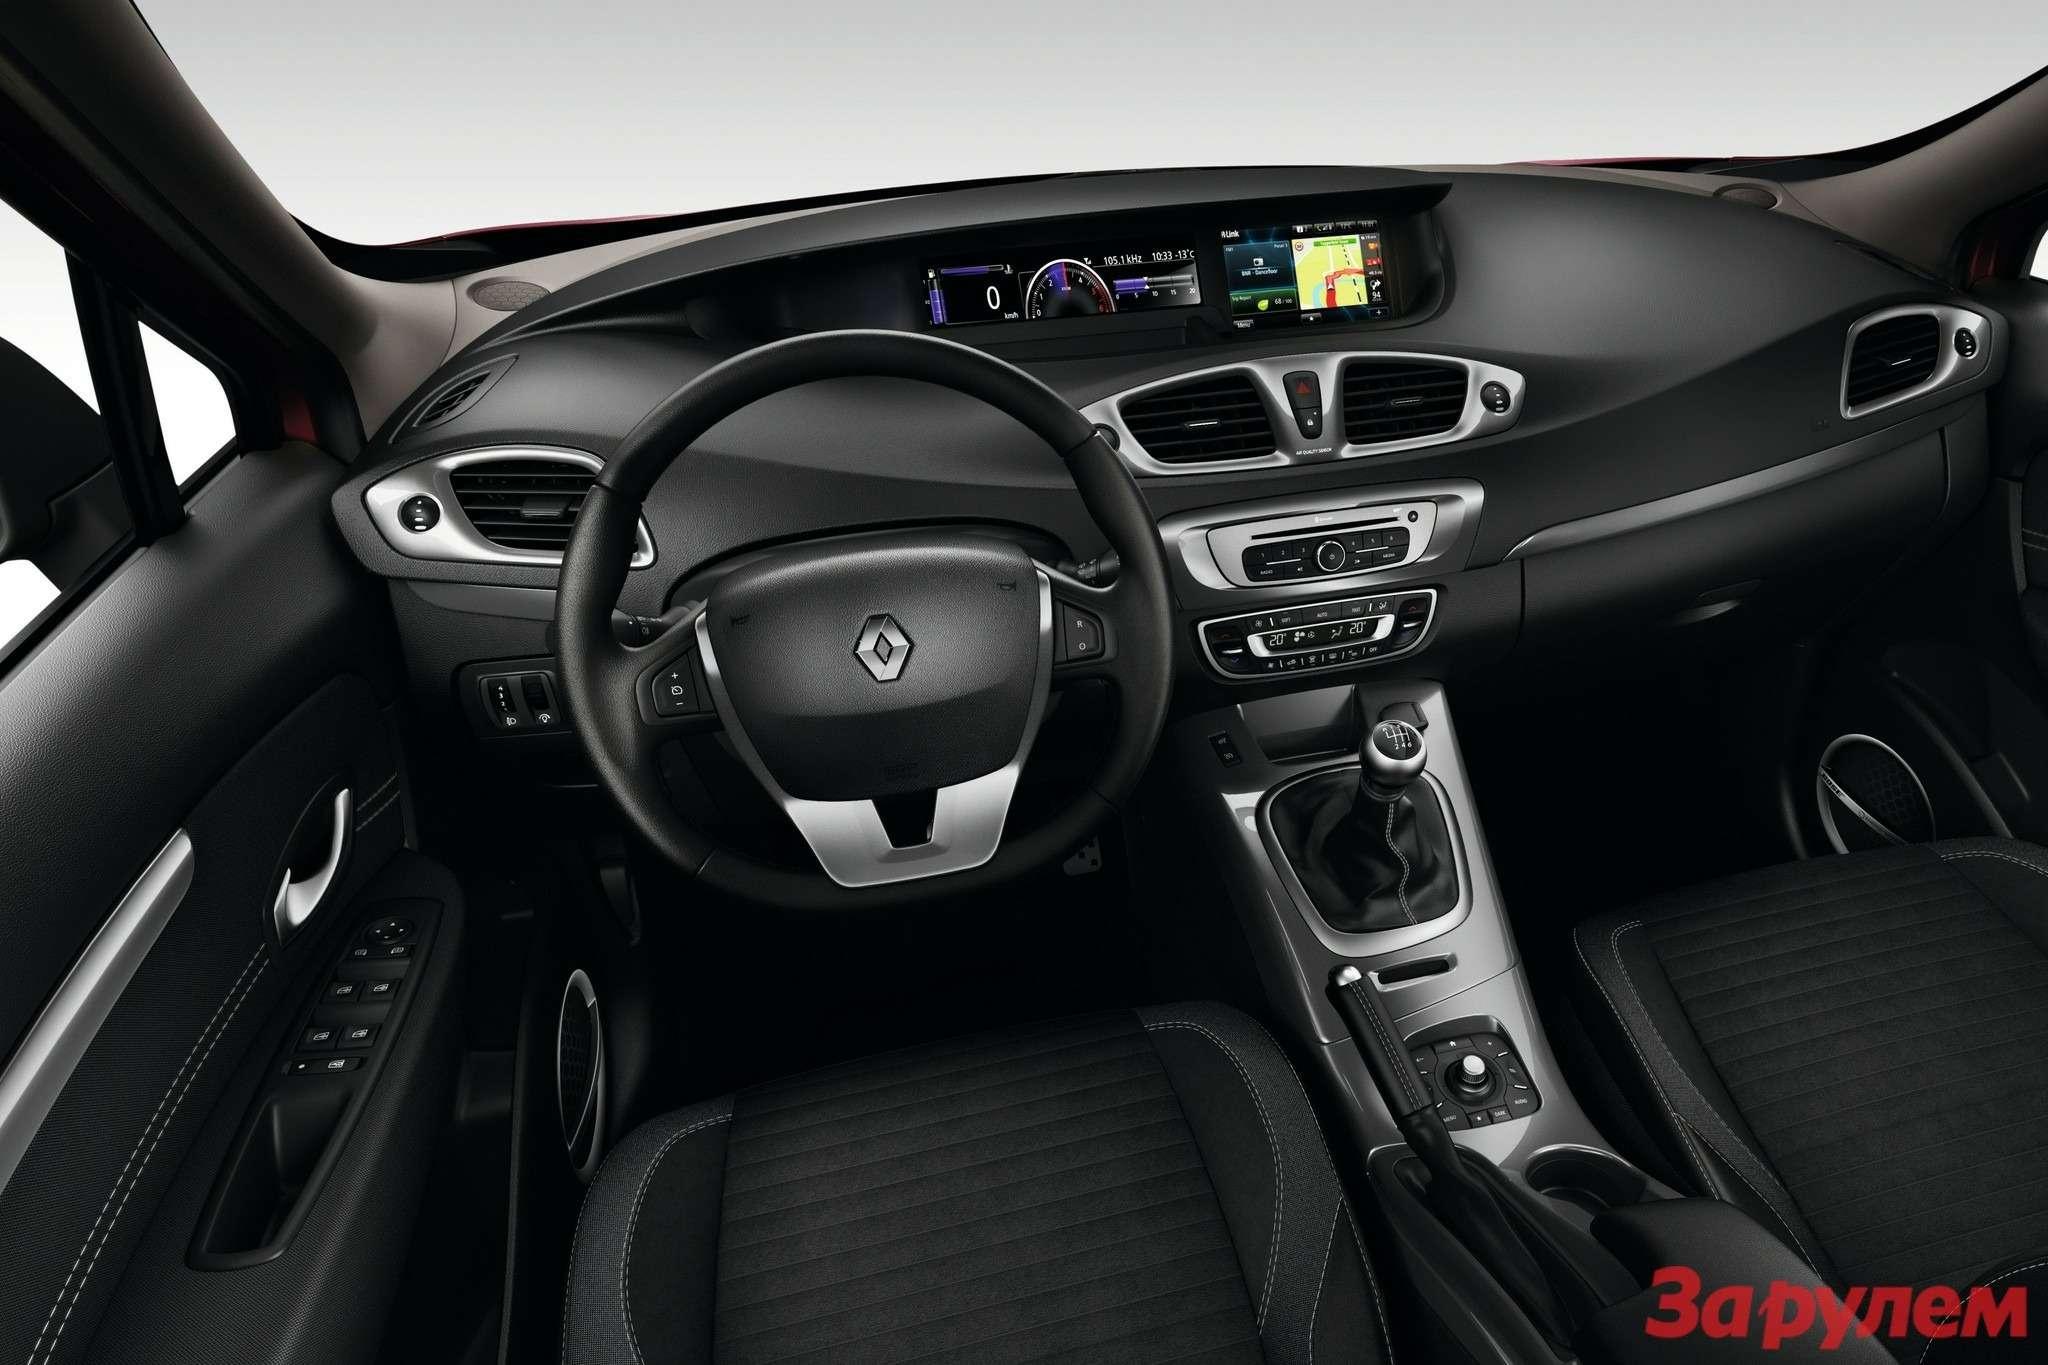 Renault_43588_global_en